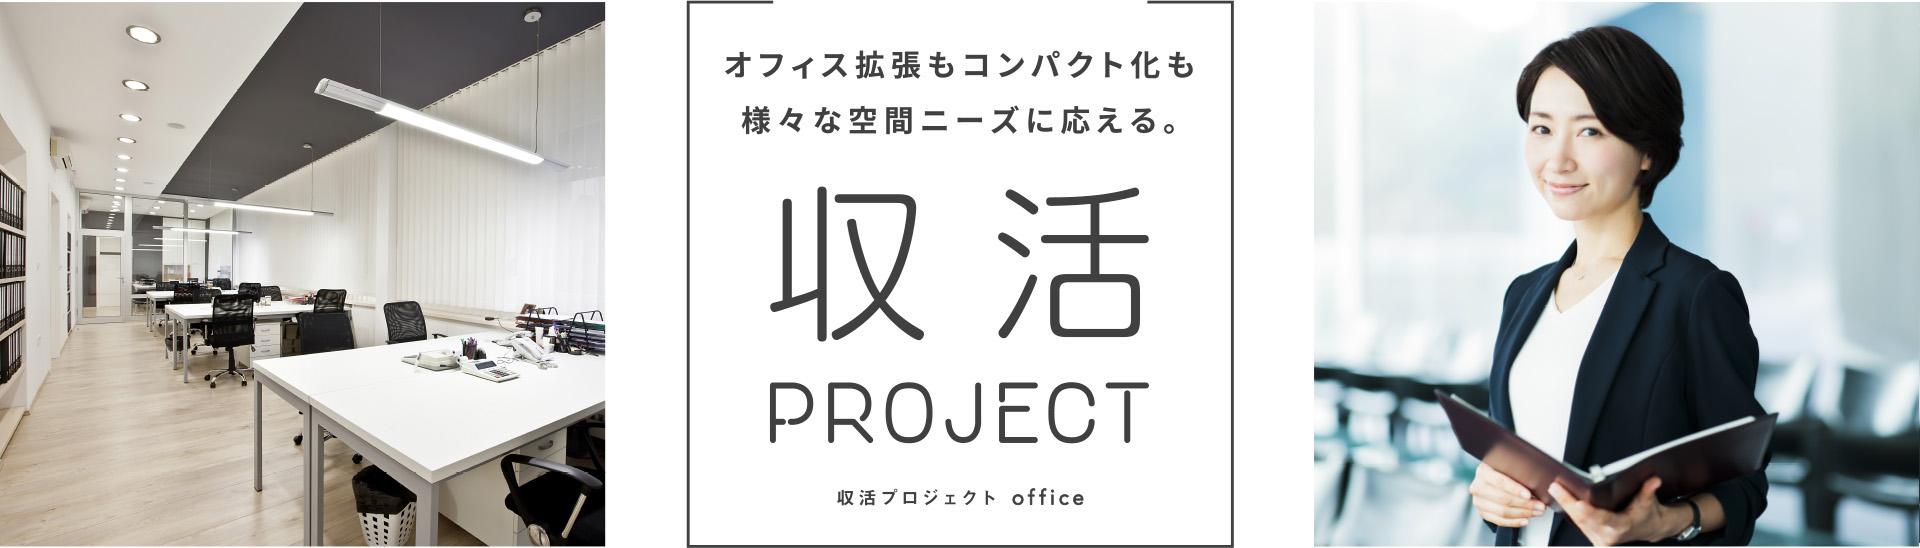 収活プロジェクト